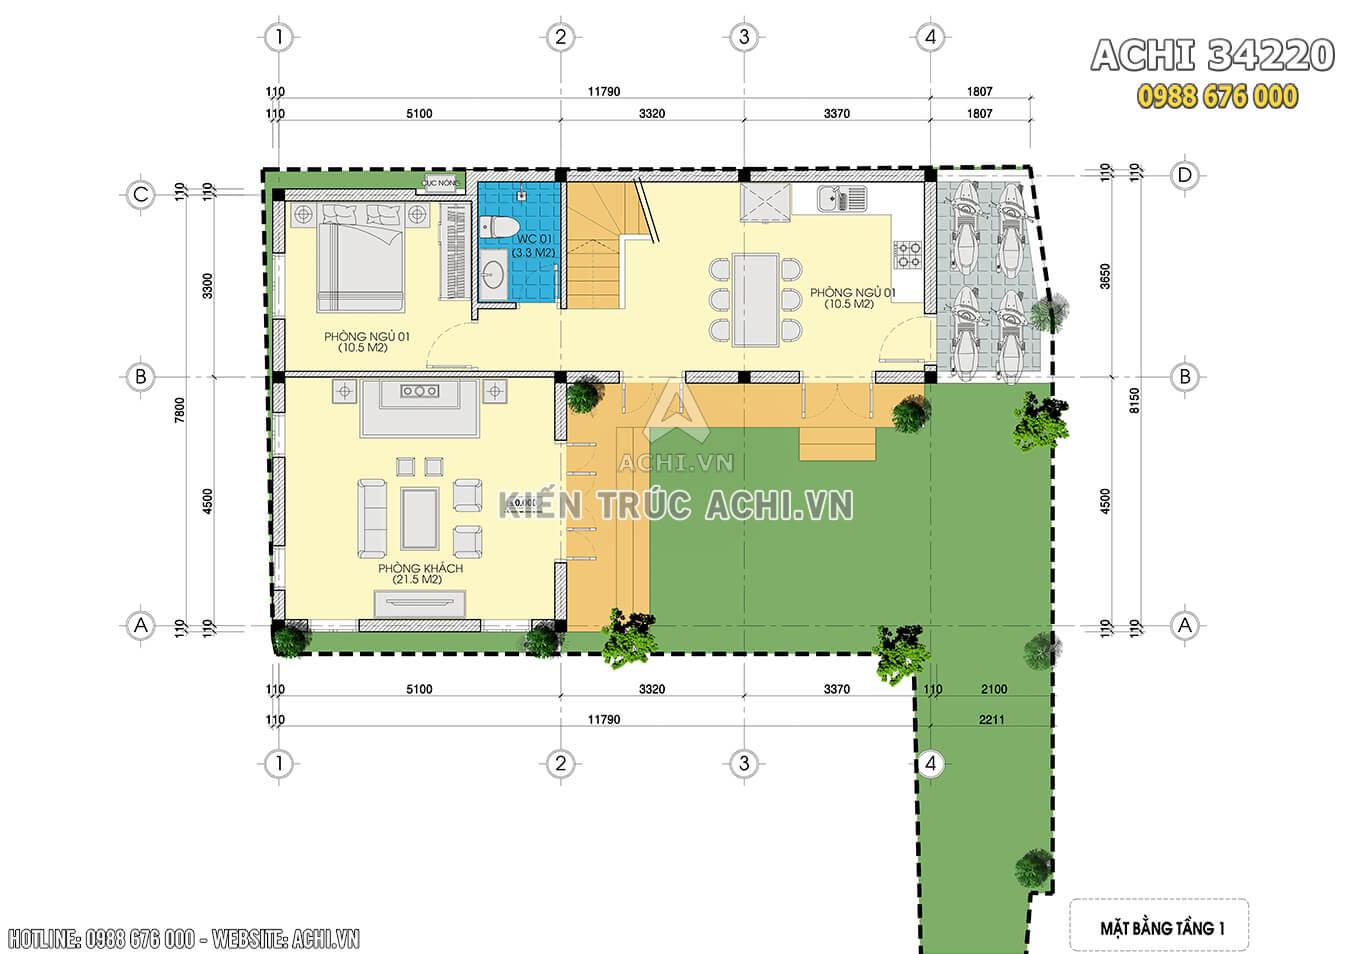 Mặt bằng tầng 1 mẫu thiết kế nhà hiện đại 3 tầng chữ L